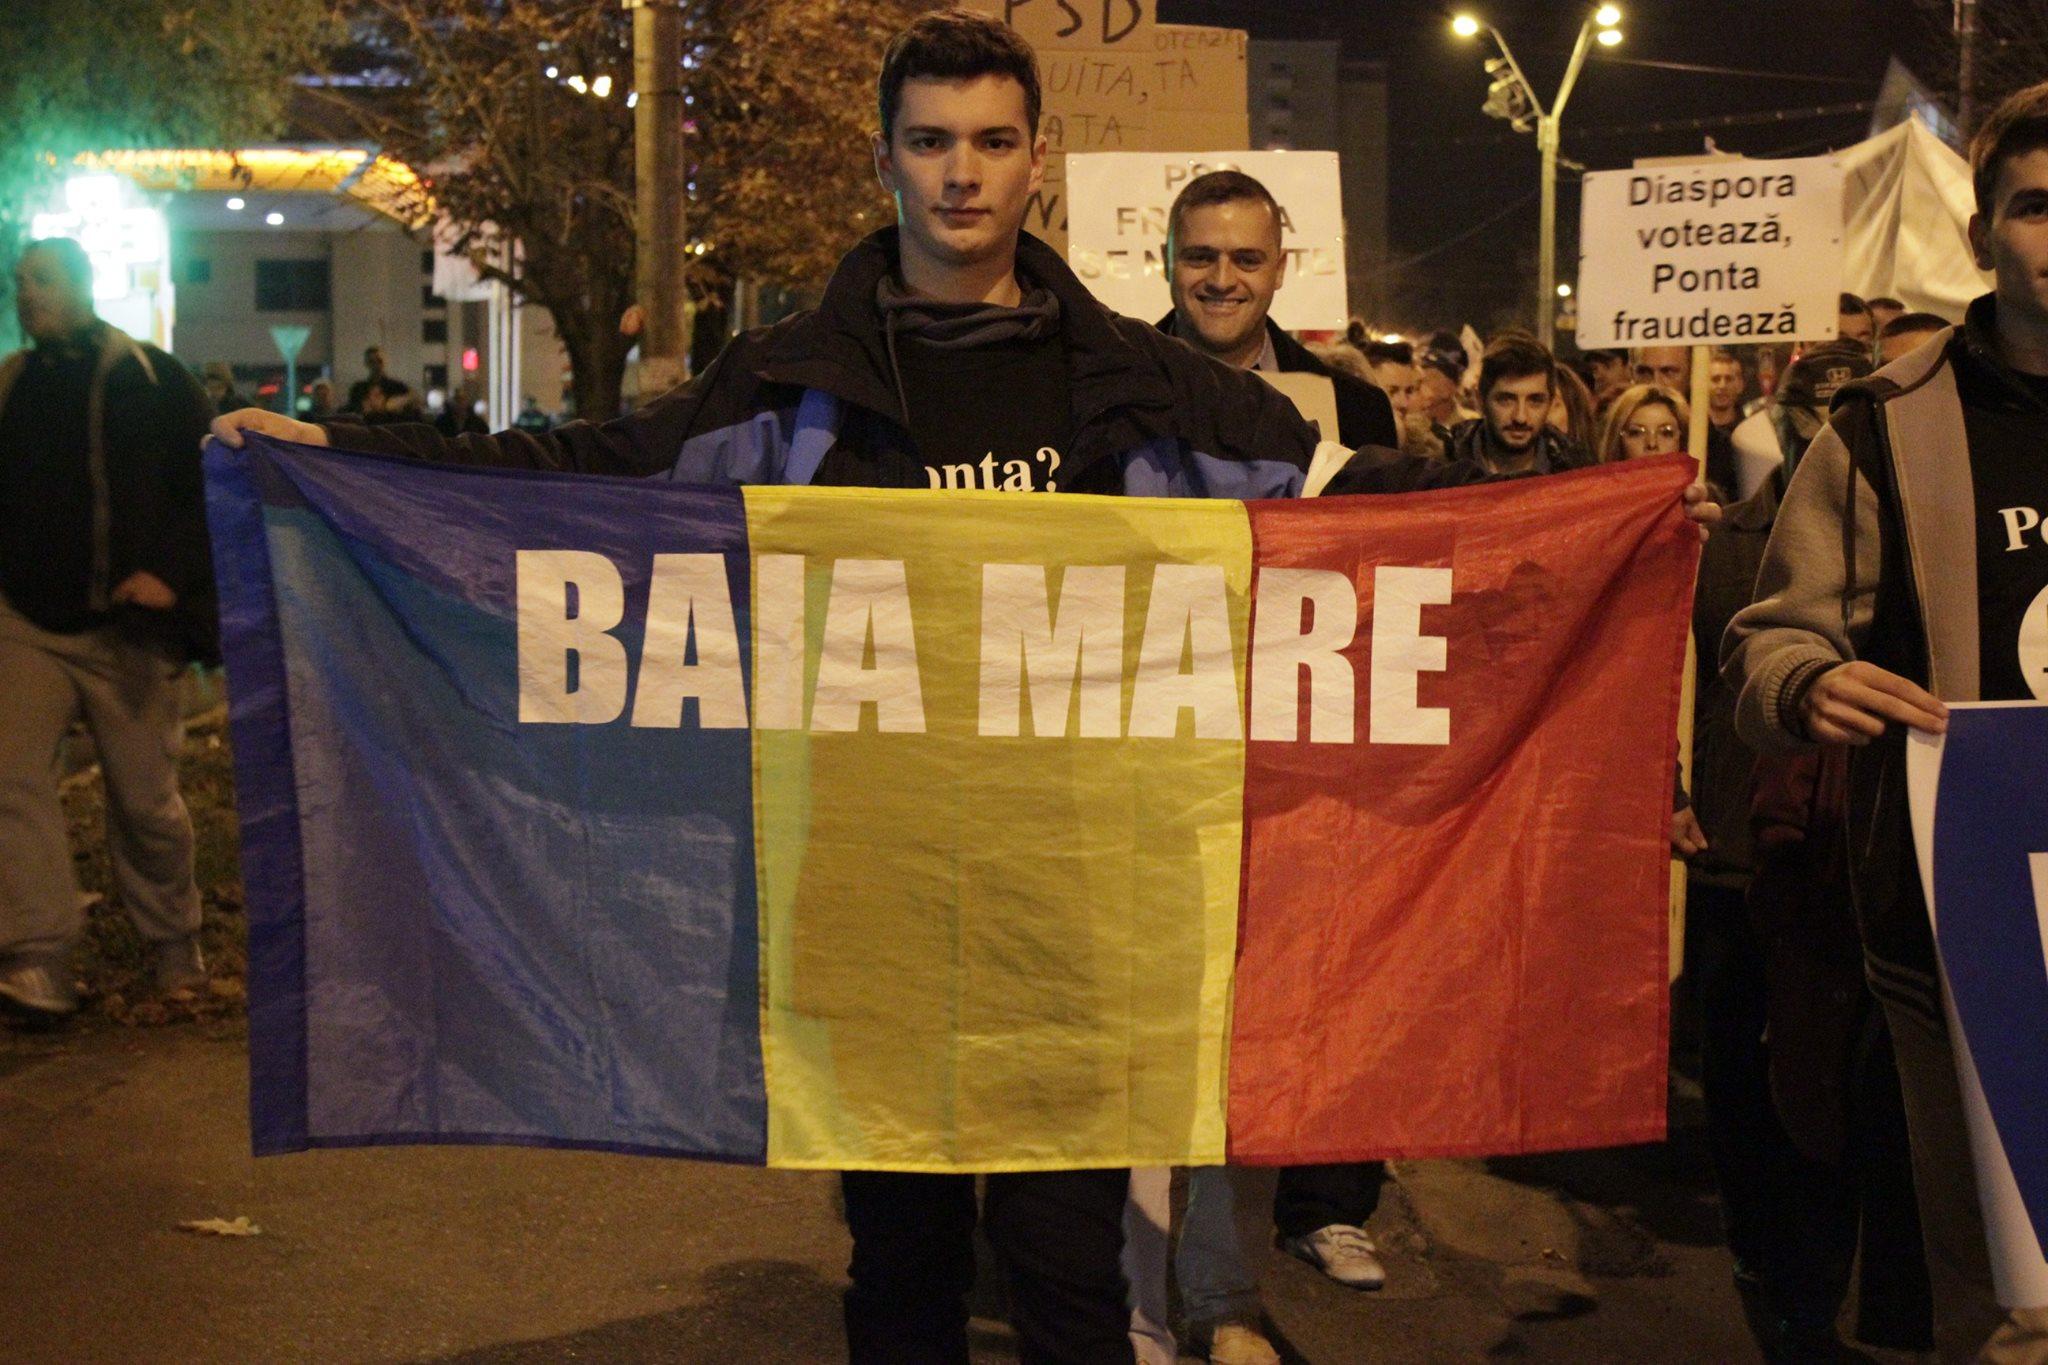 """Filmul protestul de aseară din Baia Mare. Un mare """"dislike"""" clasei politice corupte"""